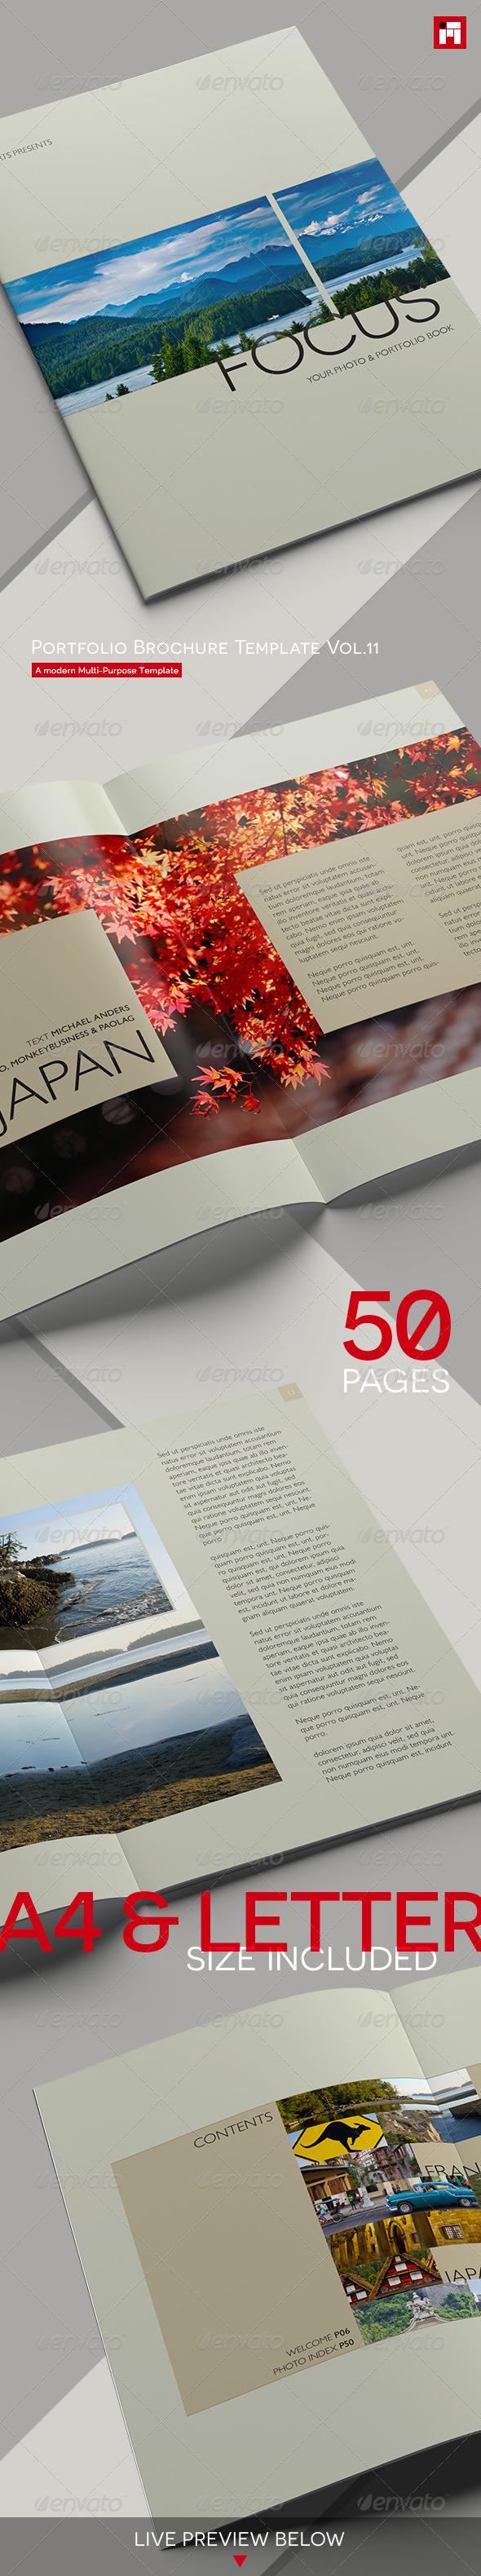 GraphicRiver Portfolio Brochure Template Vol.11 8083038